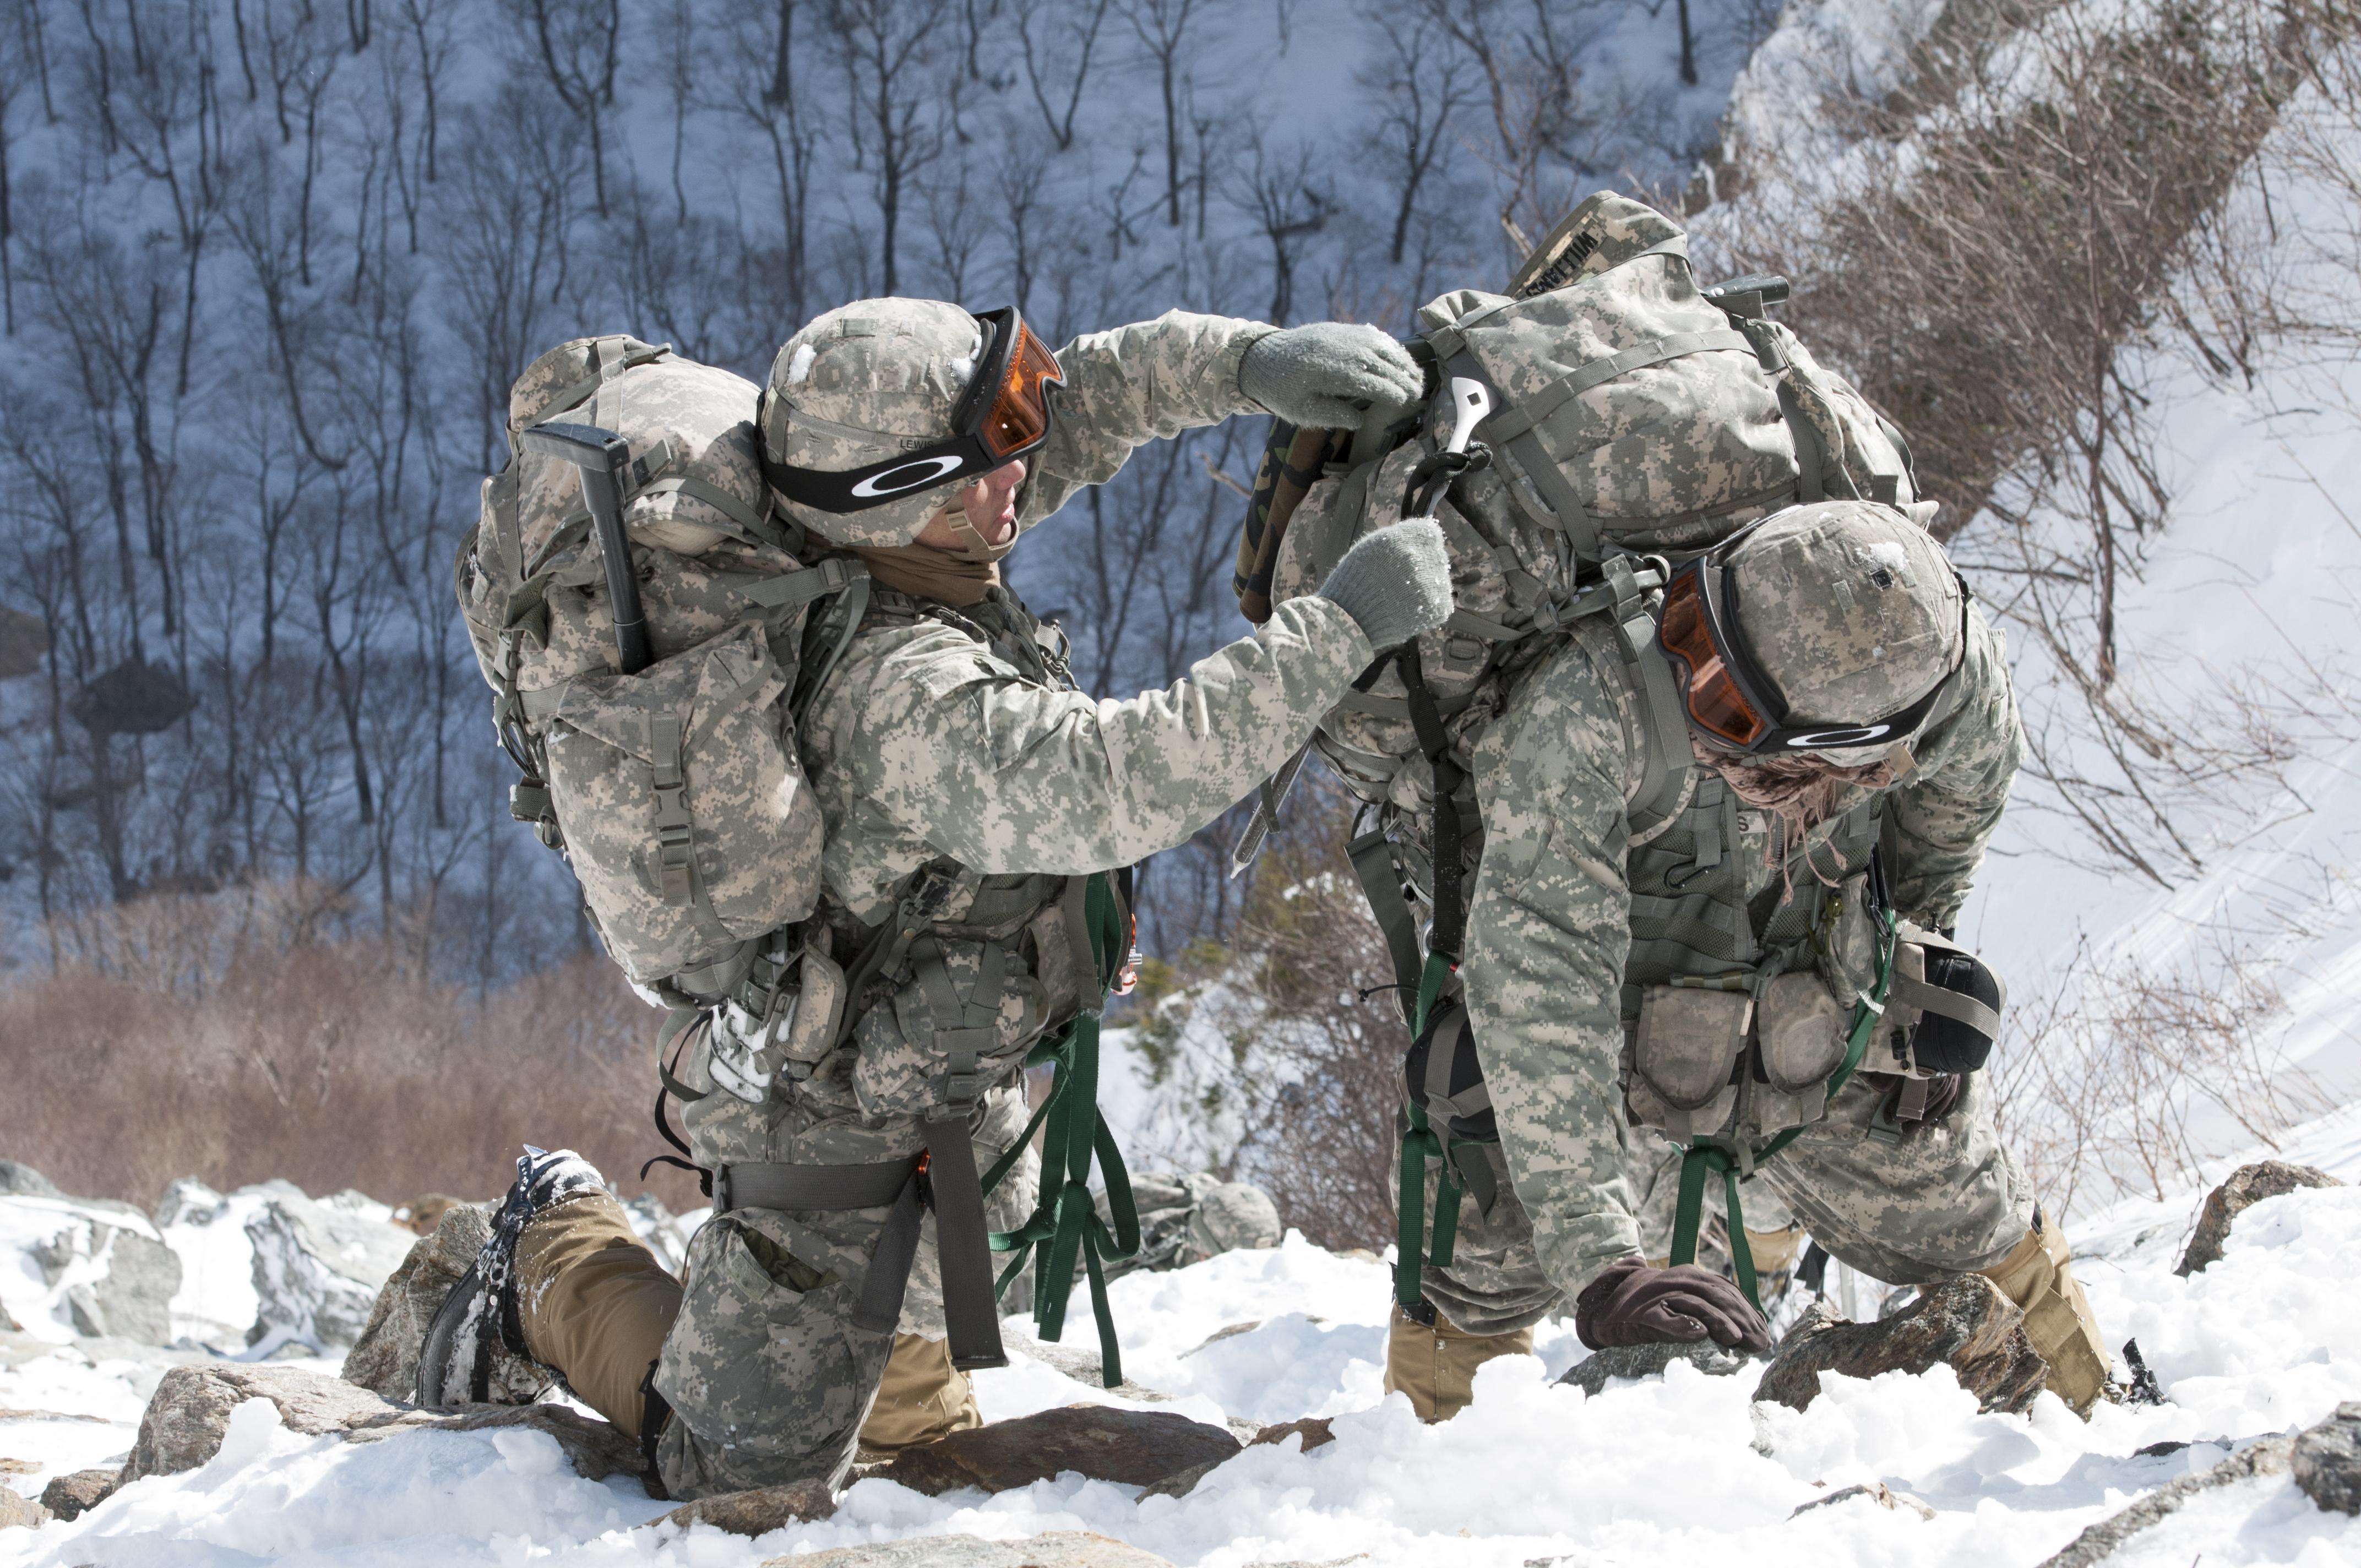 File:Army Mountain Warfare School 140220-Z-KE462-348.jpg